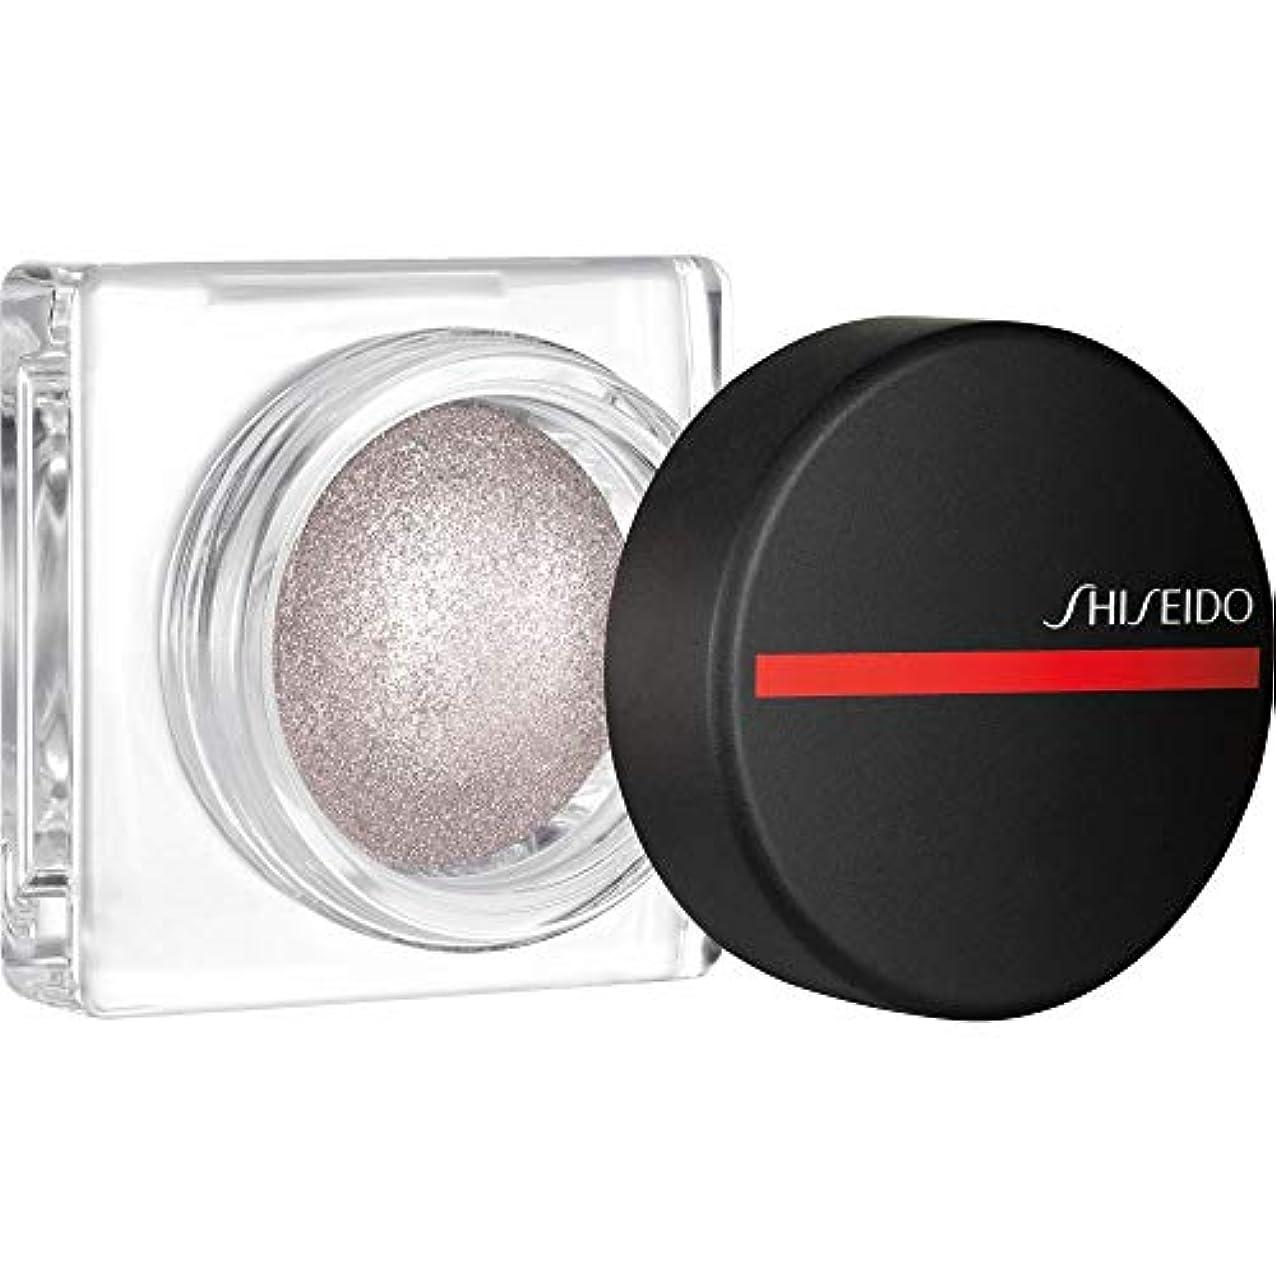 予想外未知の排除[Shiseido] 資生堂のオーラ露の4.8グラム01 - 月面 - Shiseido Aura Dew 4.8g 01 - Lunar [並行輸入品]